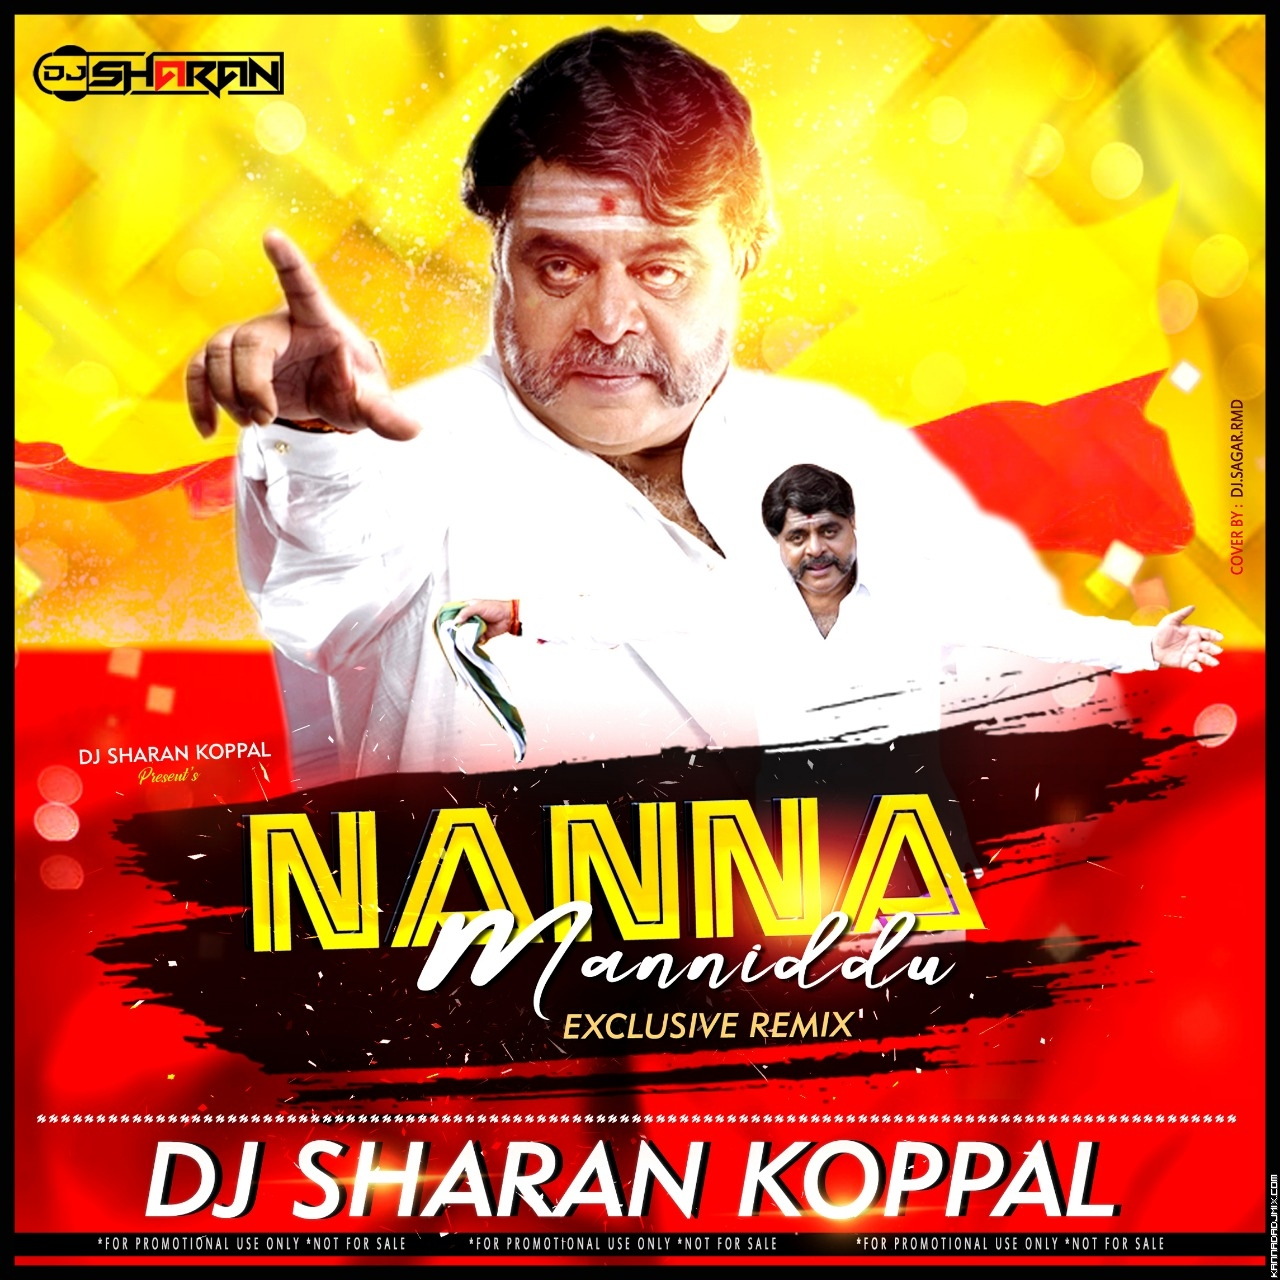 01.NANNA_MANNIDU_[VEERA PARAMPARE]_DJ_SHARAN KOPPAL_REMIX.mp3